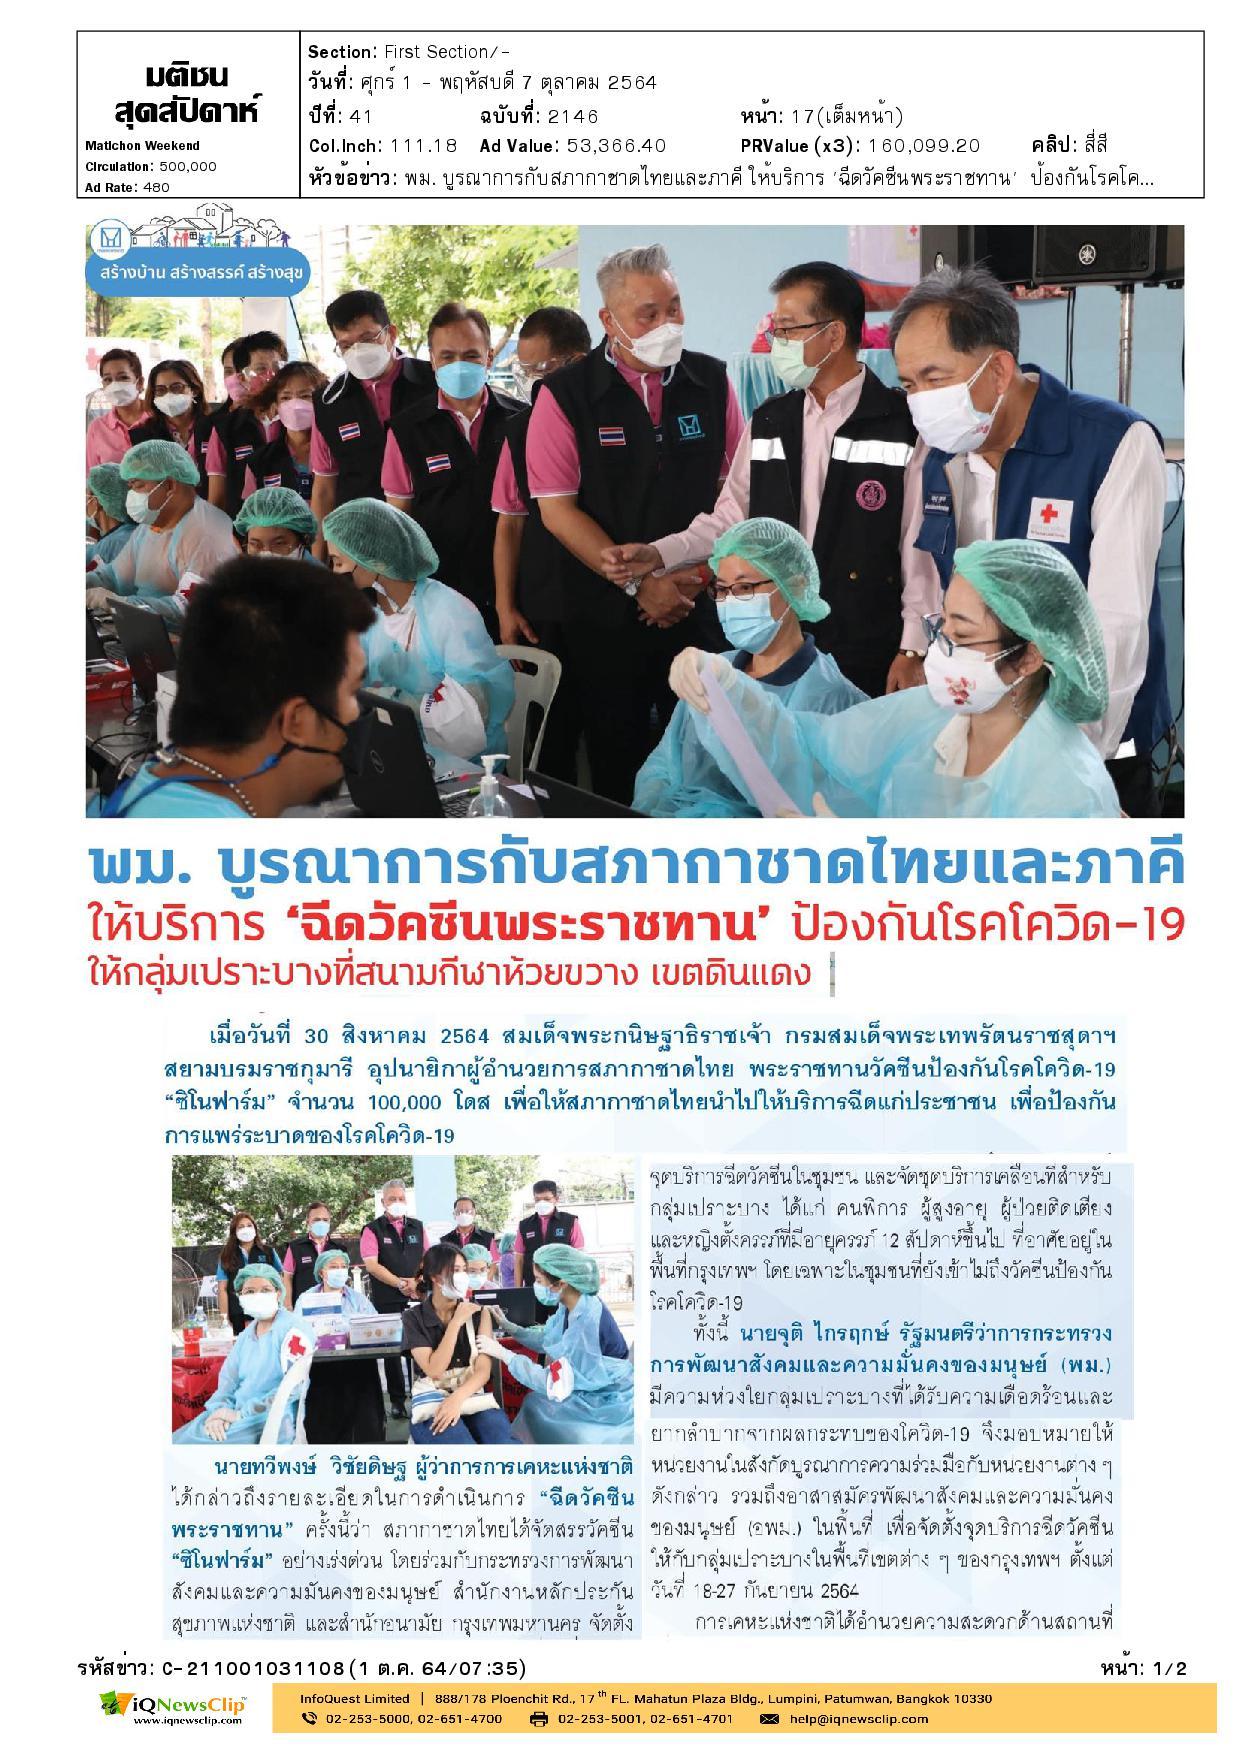 """สภากาชาดไทยและภาคี ให้บริการ """"ฉีดวัคซีนพระราชทาน"""" ป้องกันโรคโควิด-19"""